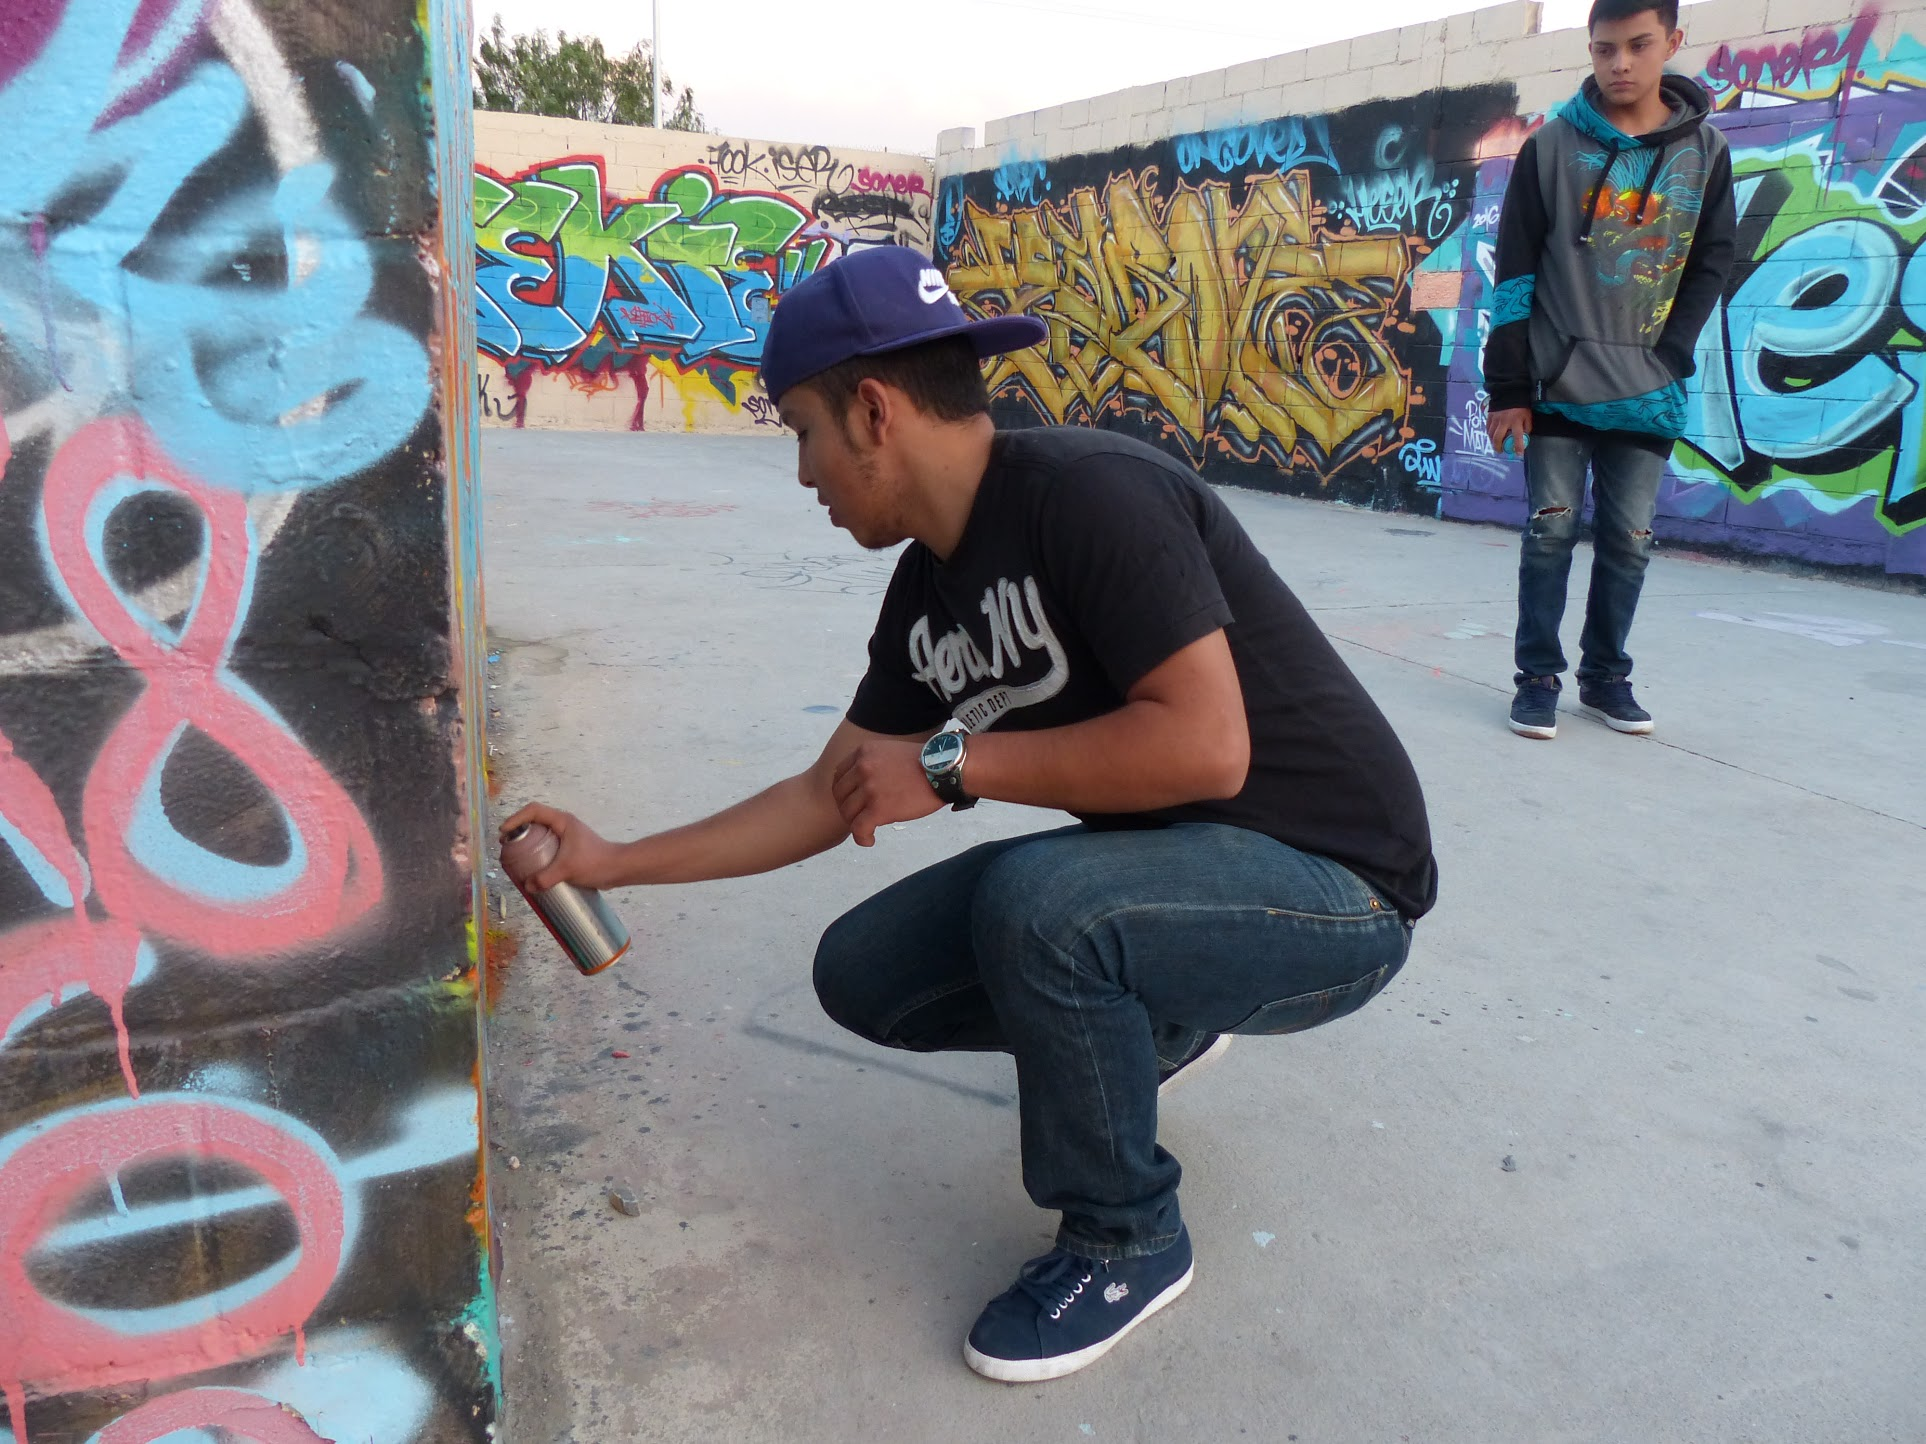 Tribus urbanas saltillo discriminacion bike moto cross graffiti skateboarding milima20160406 0095 1